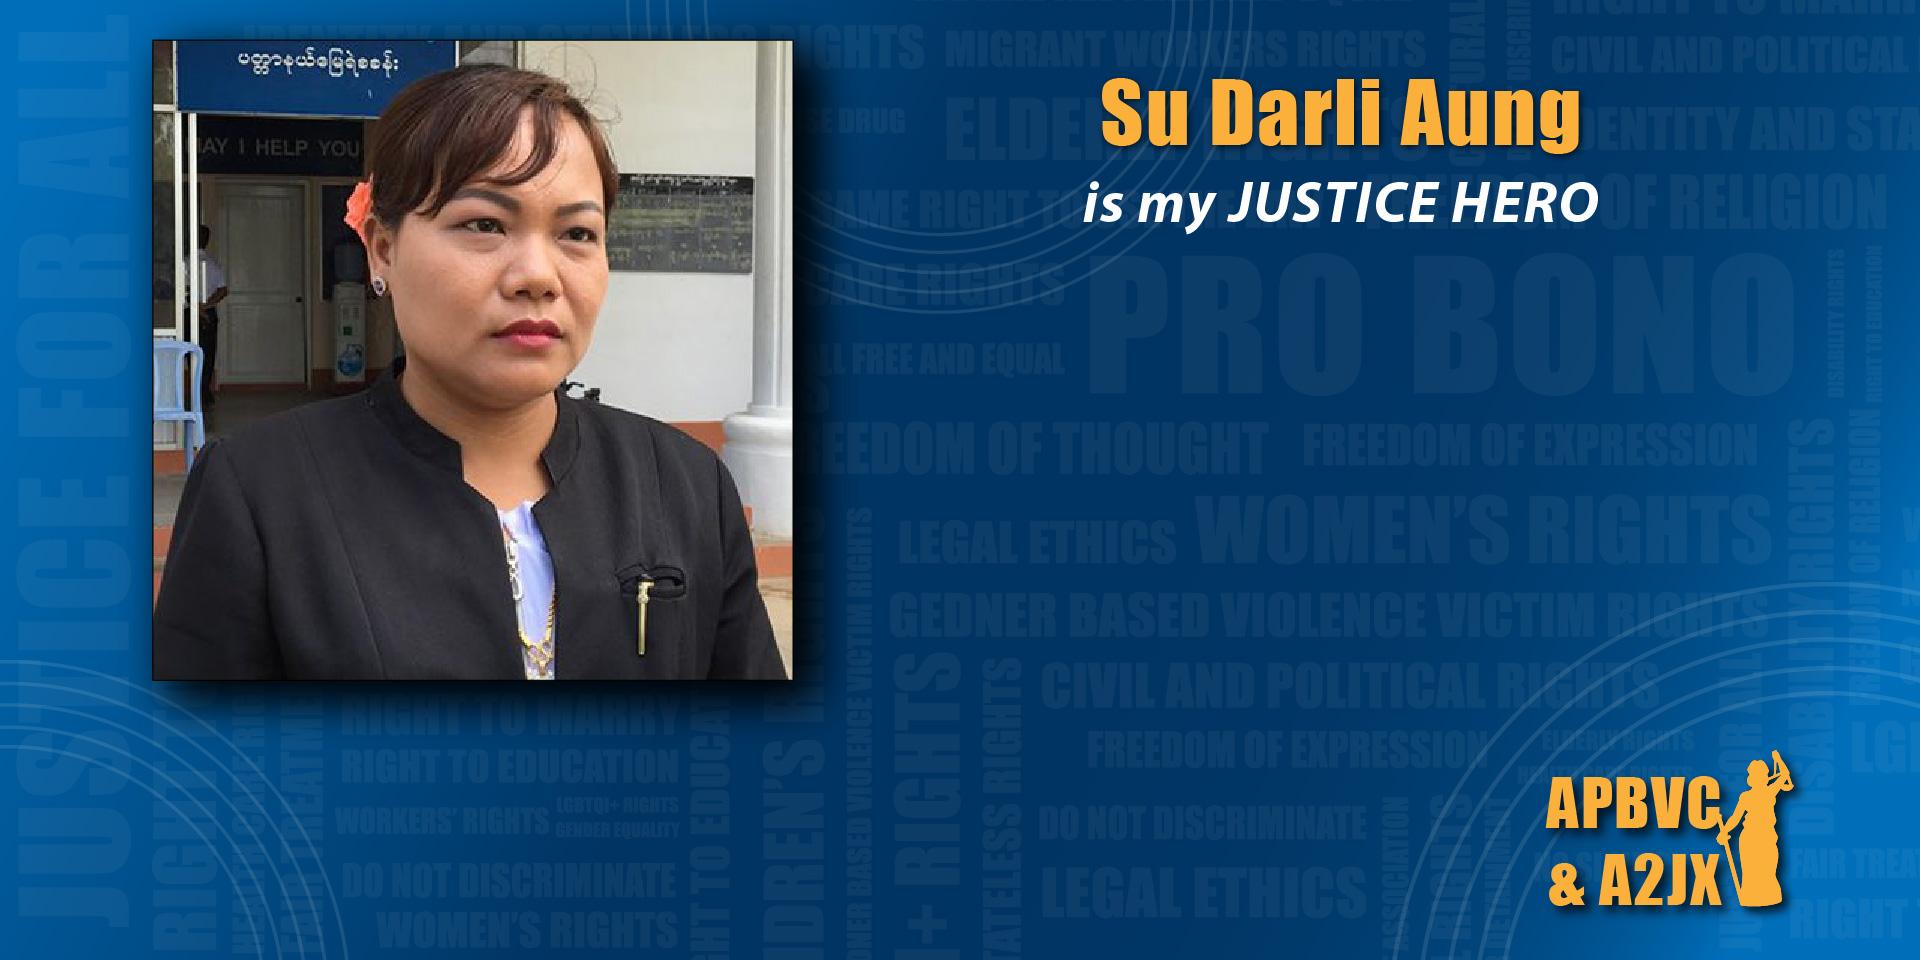 Su Darli Aung